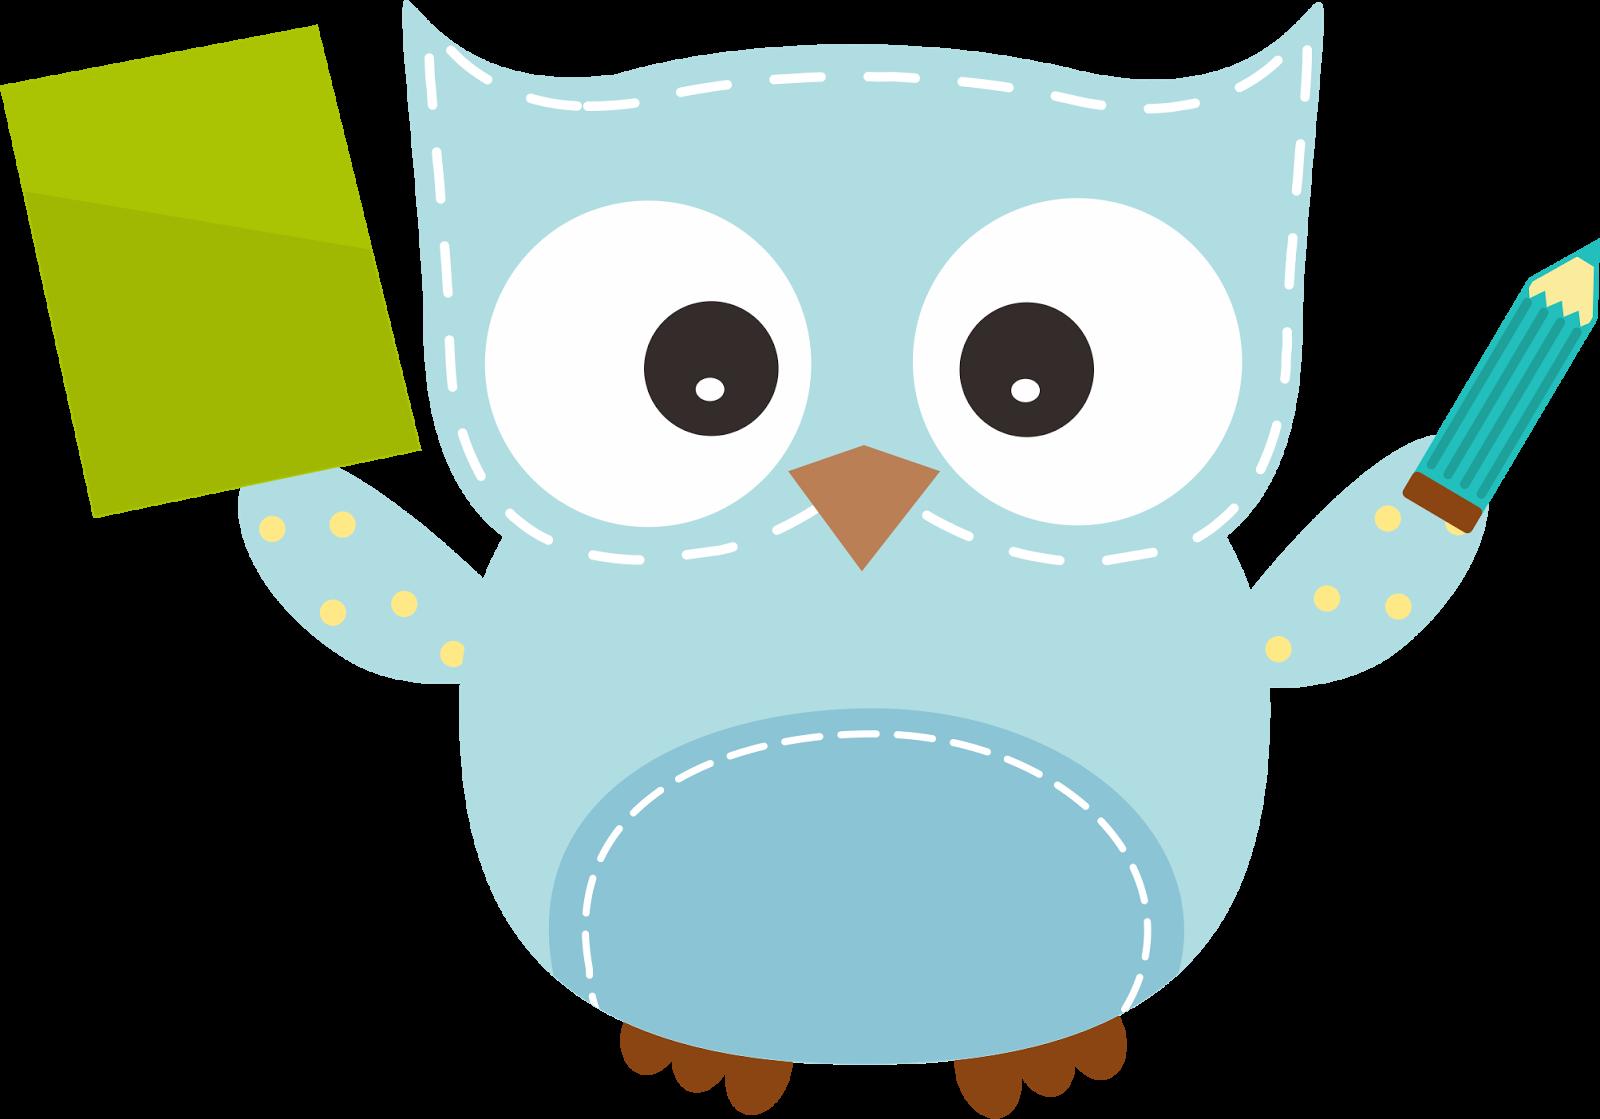 Math owl clipartbarn